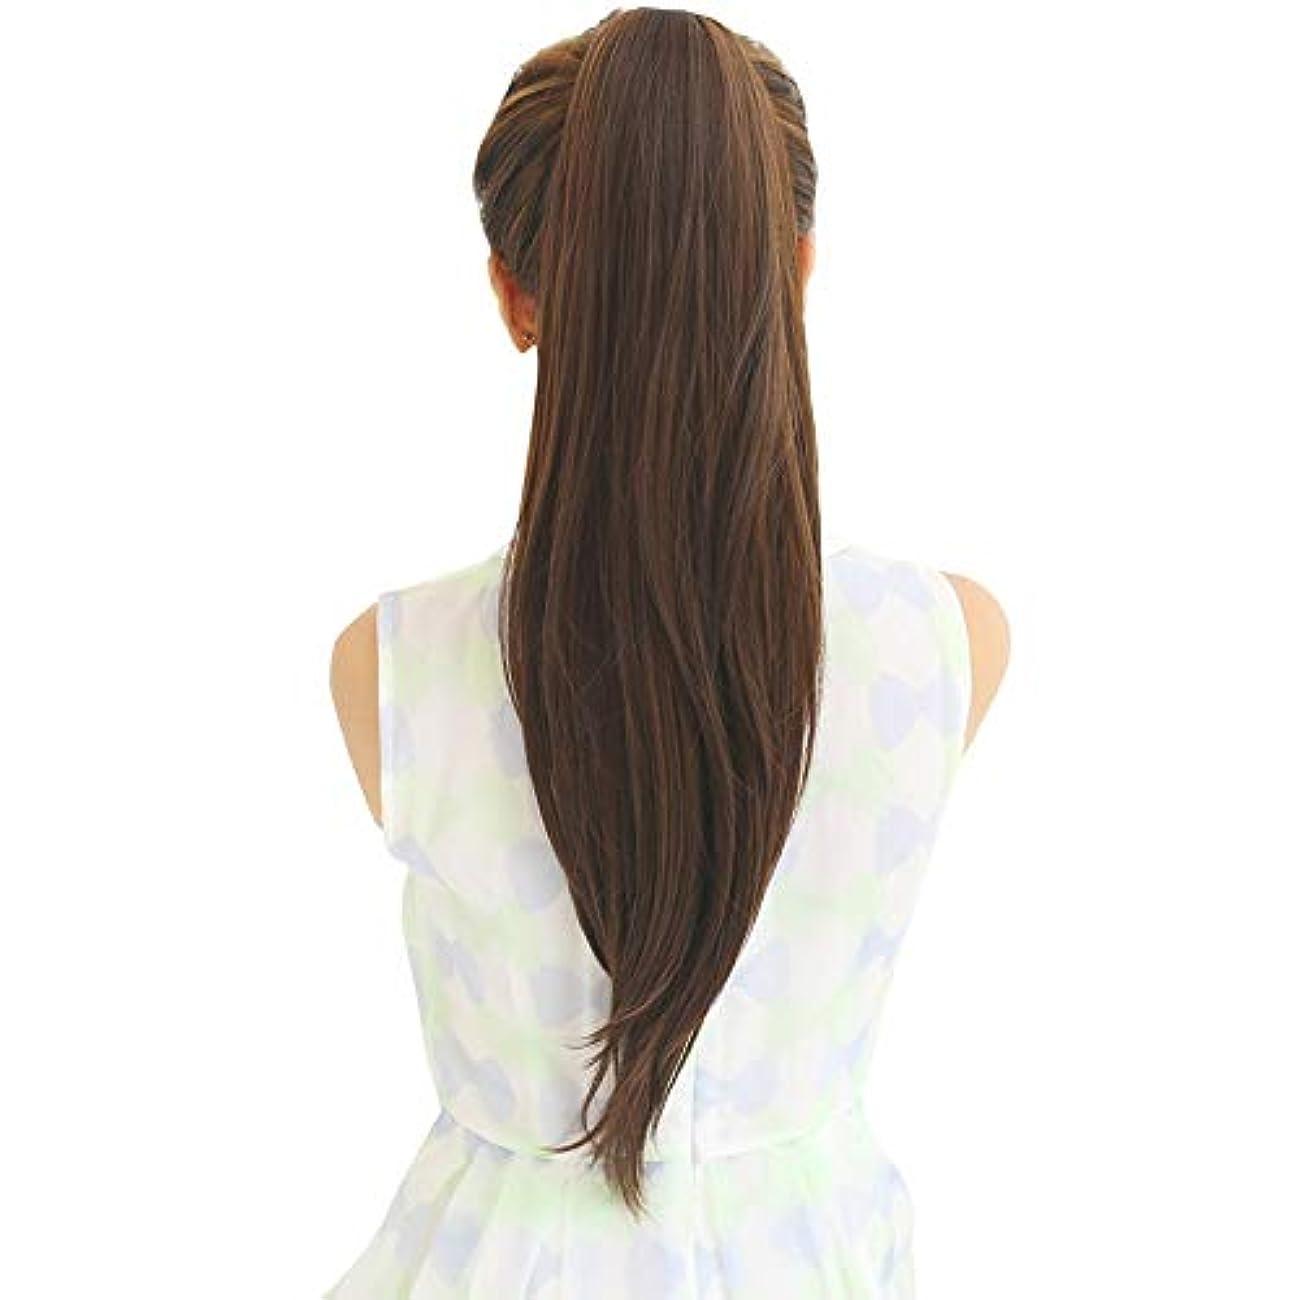 勧める無法者放送SRY-Wigファッション ウィッグポニーテール女性ロングストレートヘアバンドリアルヘアロングヘアインビジブルナチュラルスコーピオン完全な人間の髪の毛